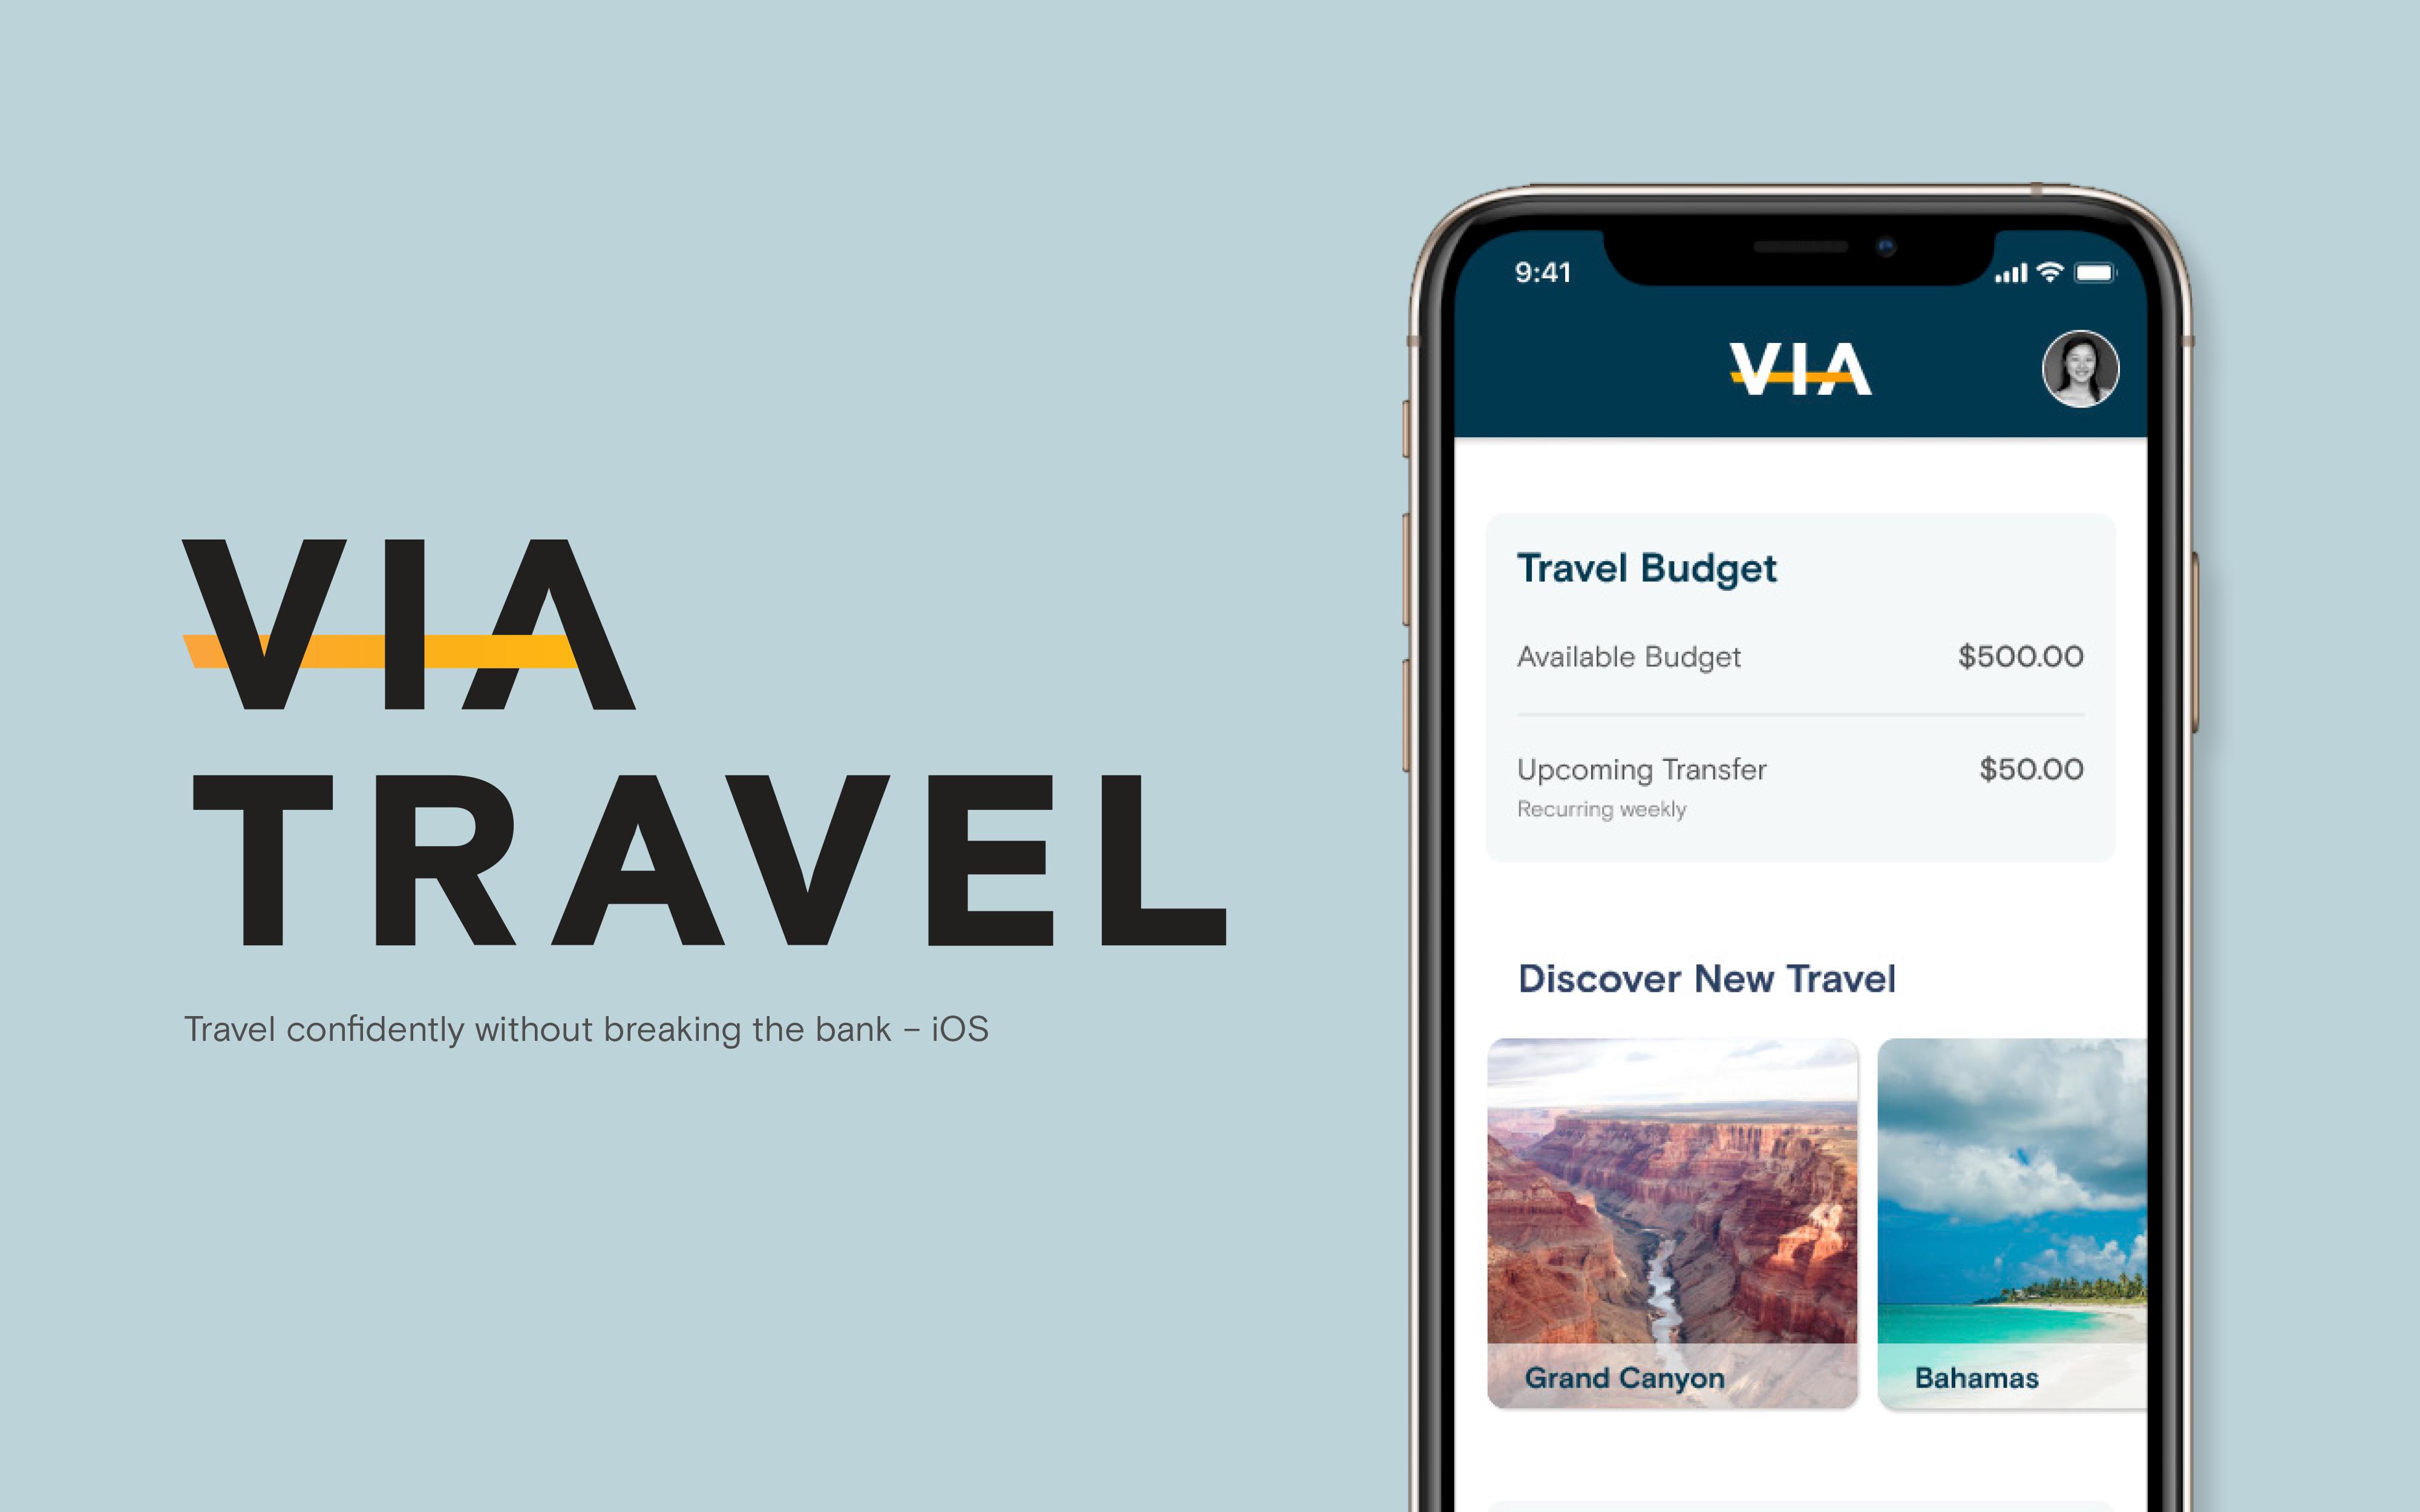 Via travel app cover image